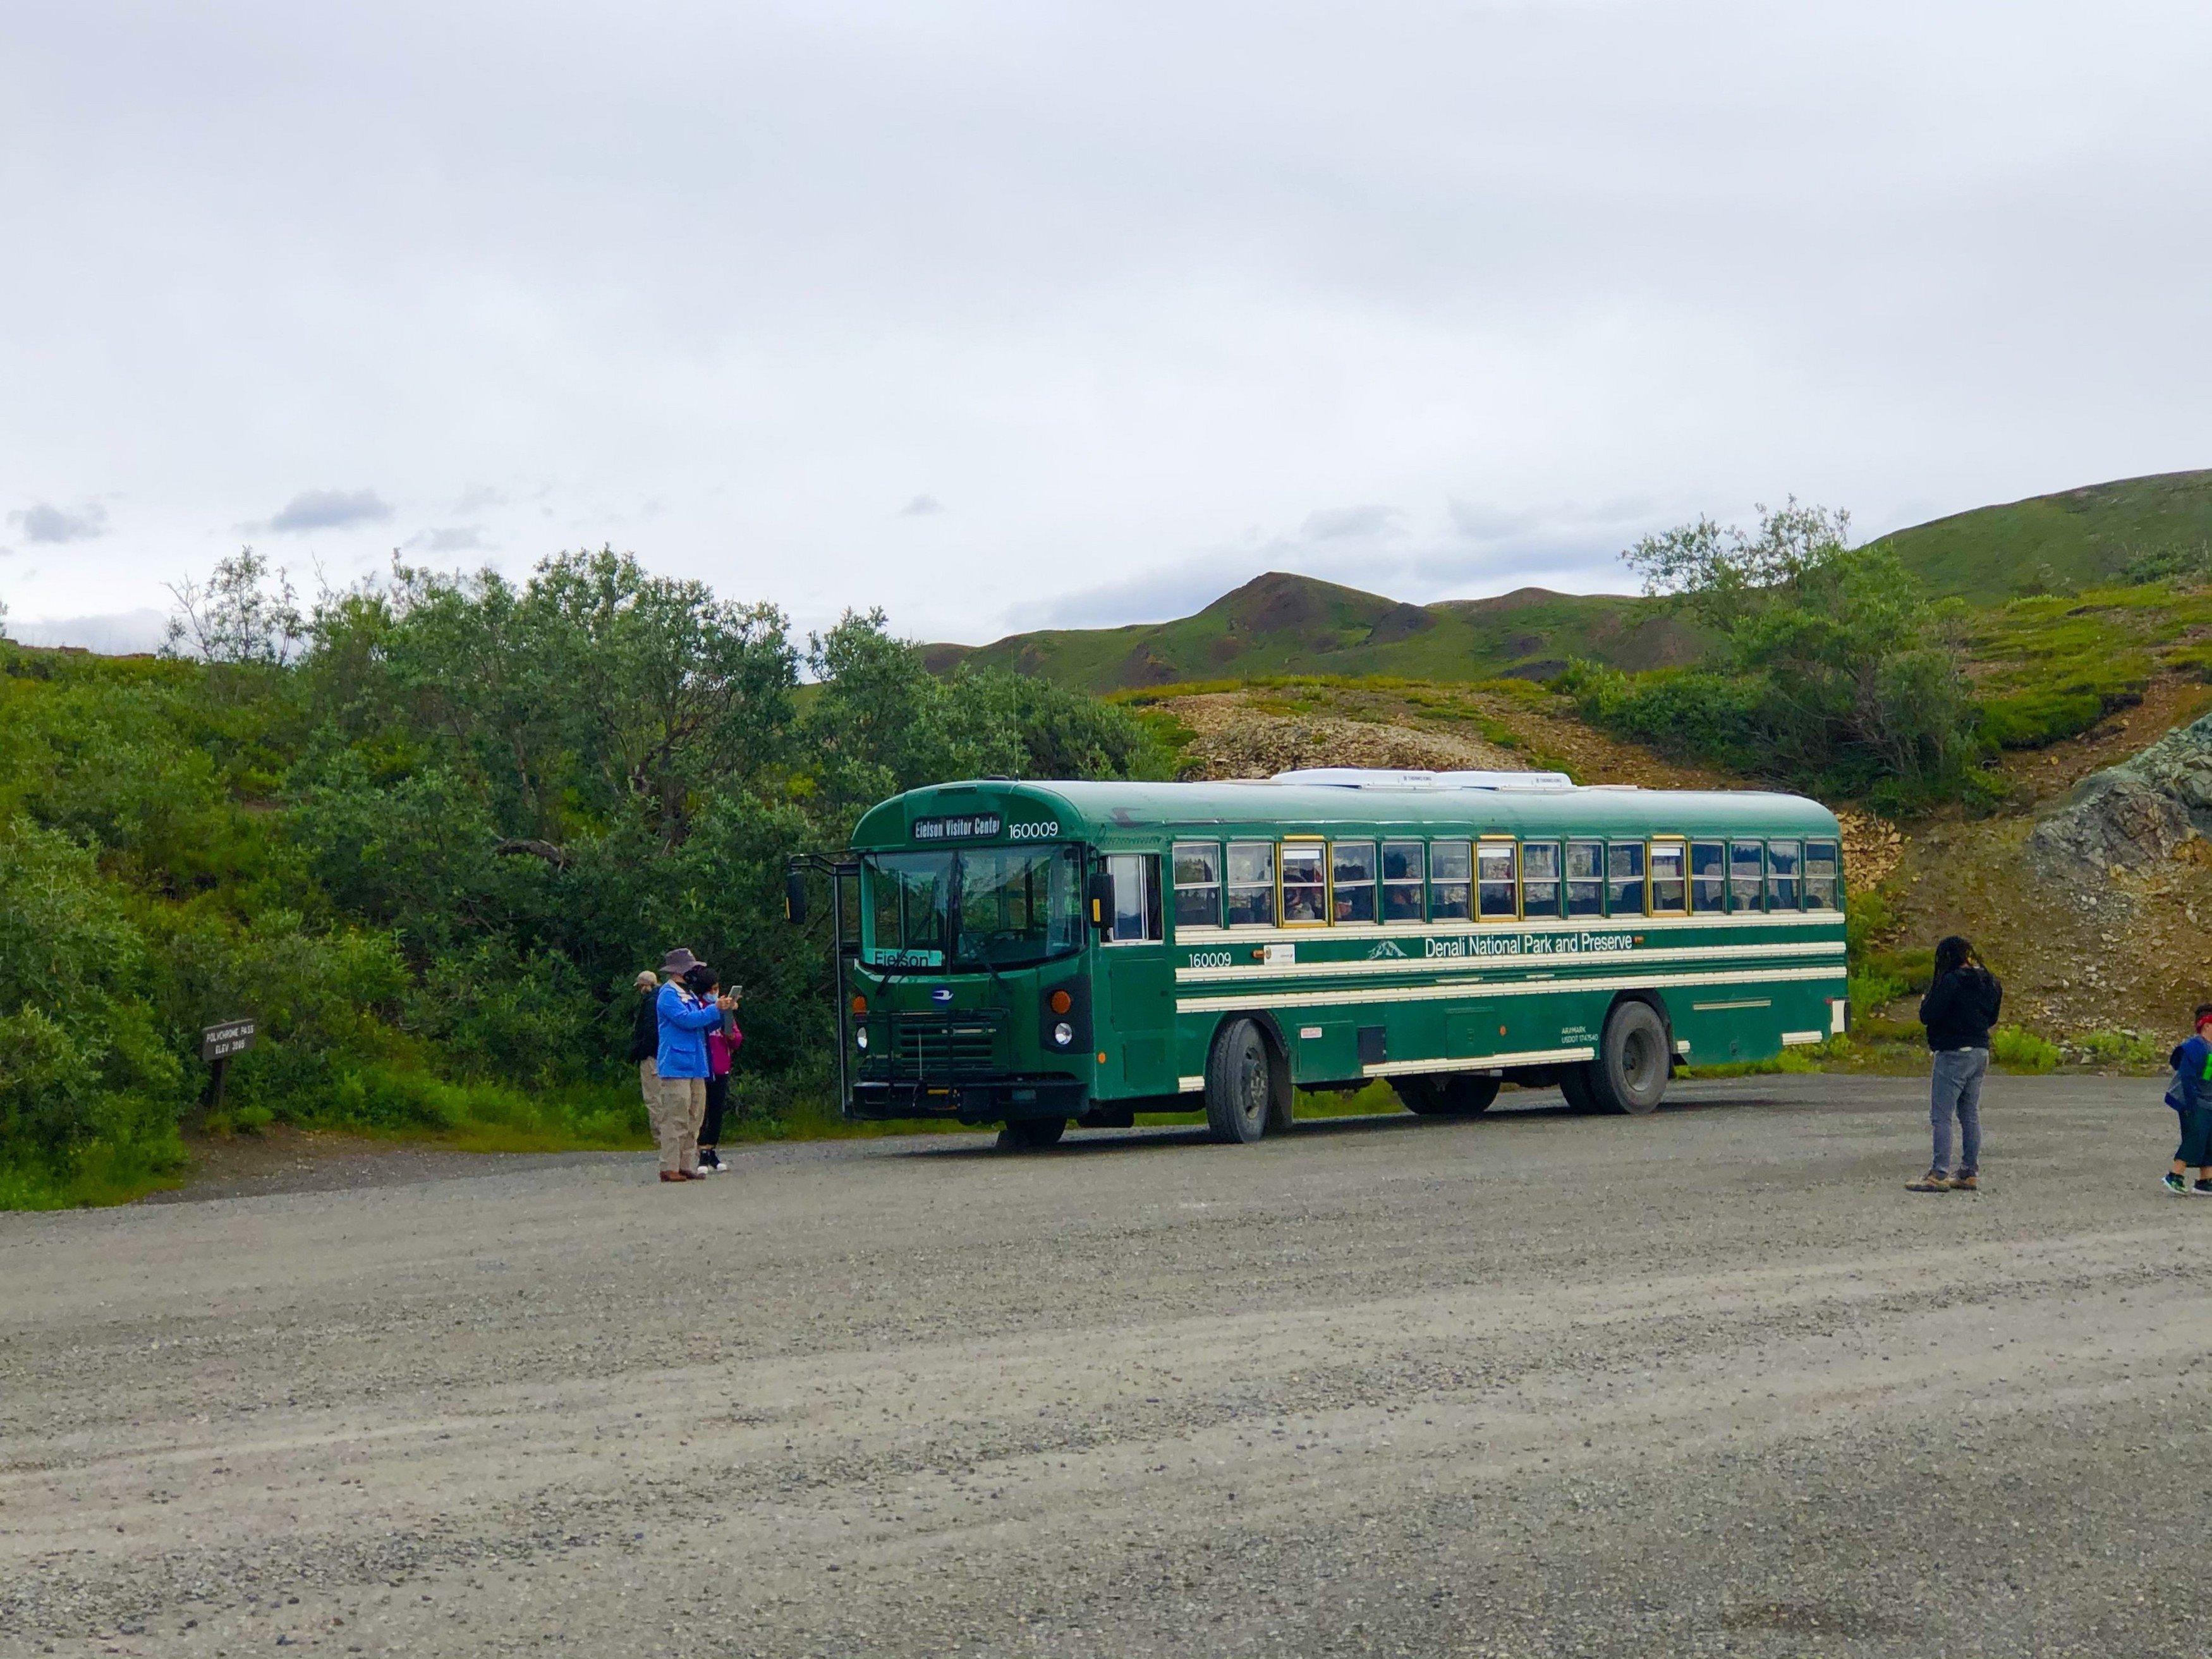 Eielson bus